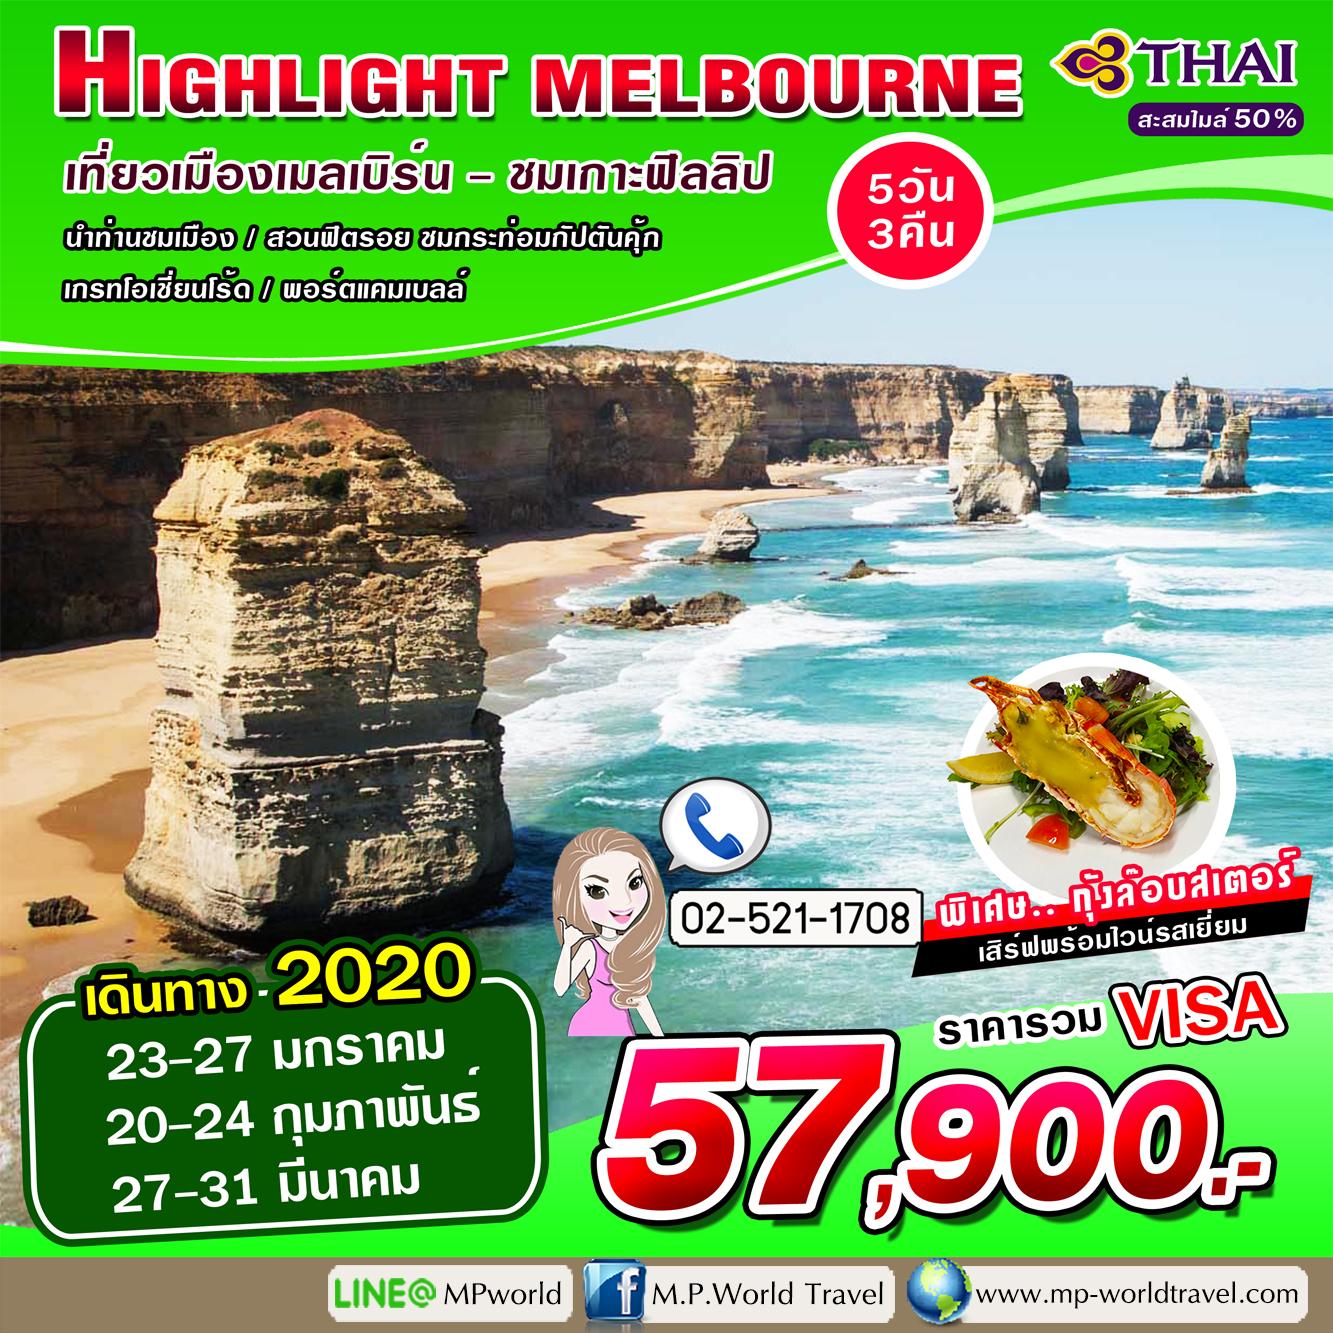 ทัวร์ออสเตรเลีย HIGHLIGHT MELBOURNE 5D 3N TG